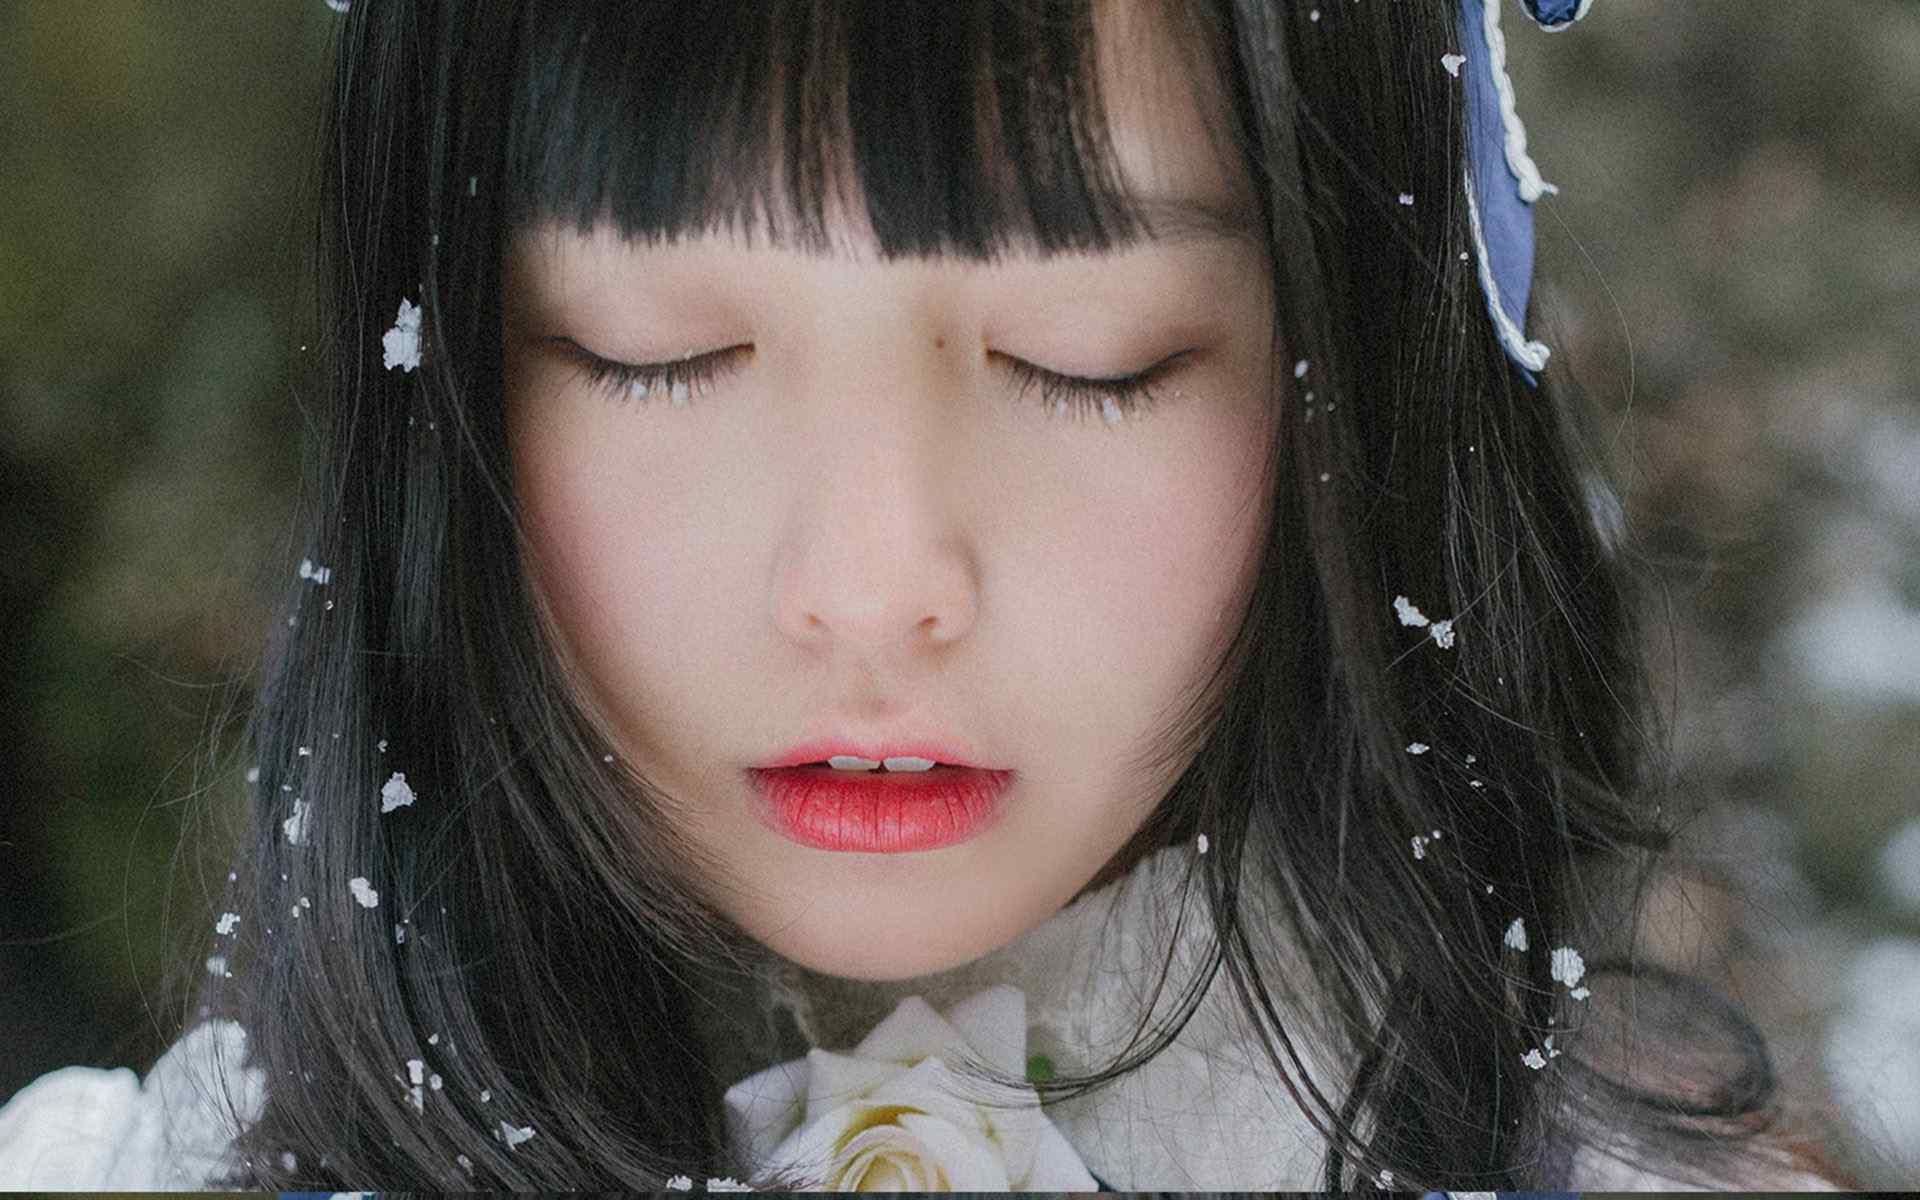 美丽的冬日美女写真图片桌面壁纸